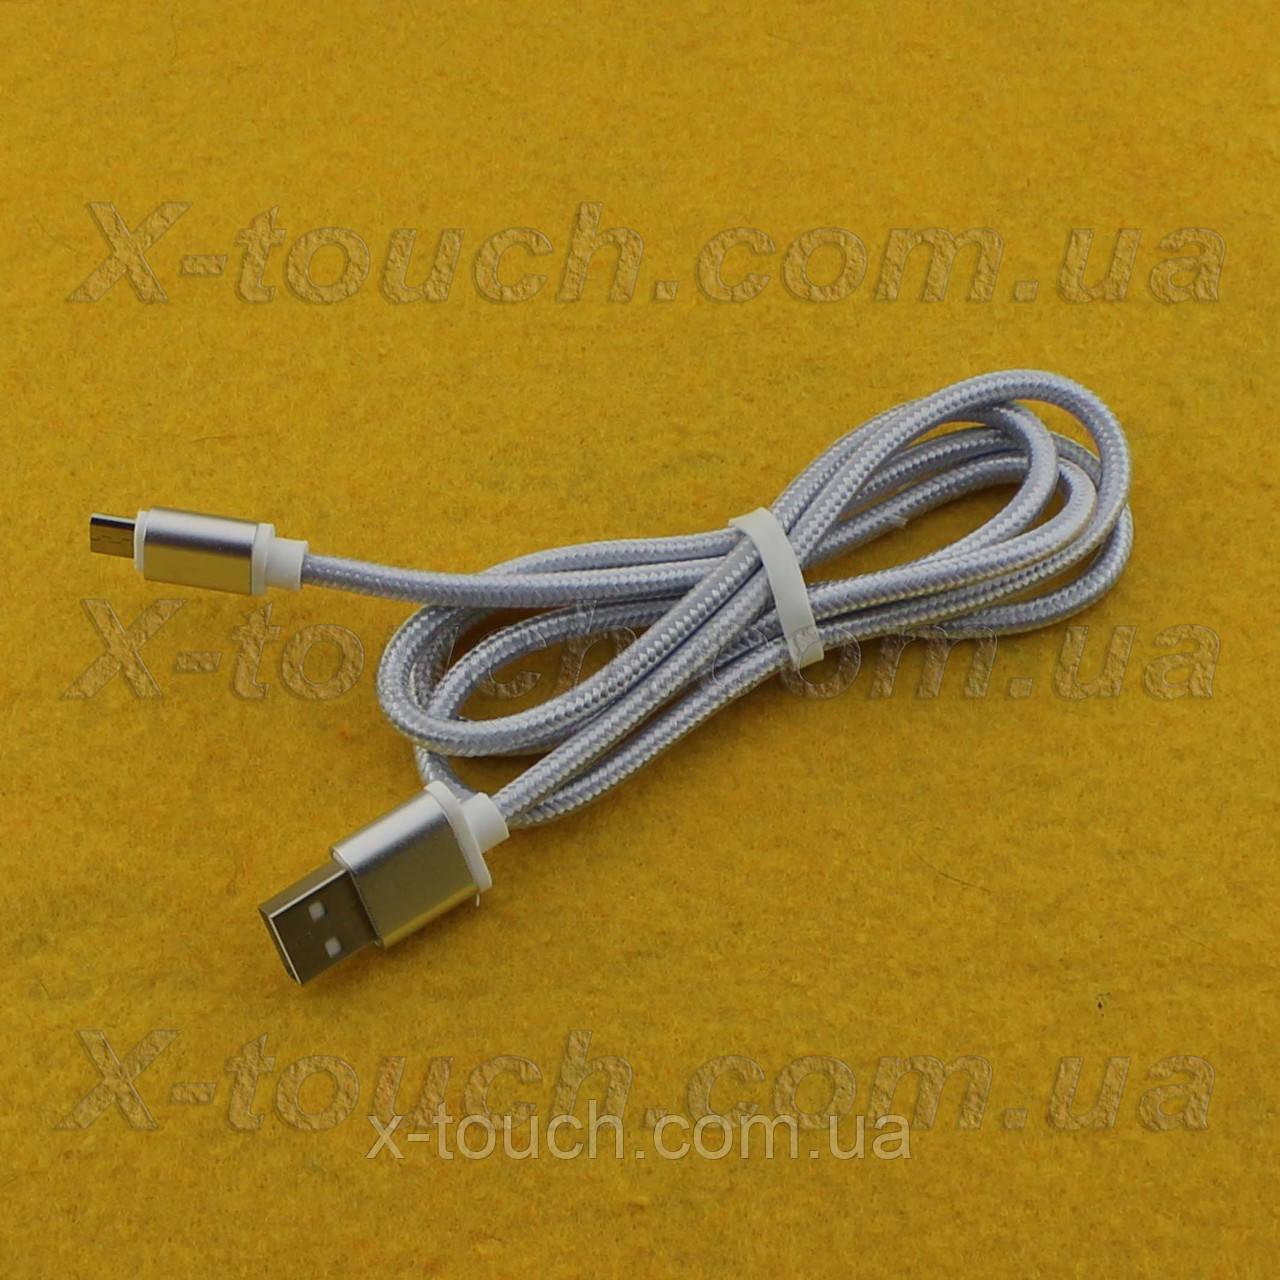 Сверх прочный USB - Micro USB кабель для быстрой зарядки в ткане.